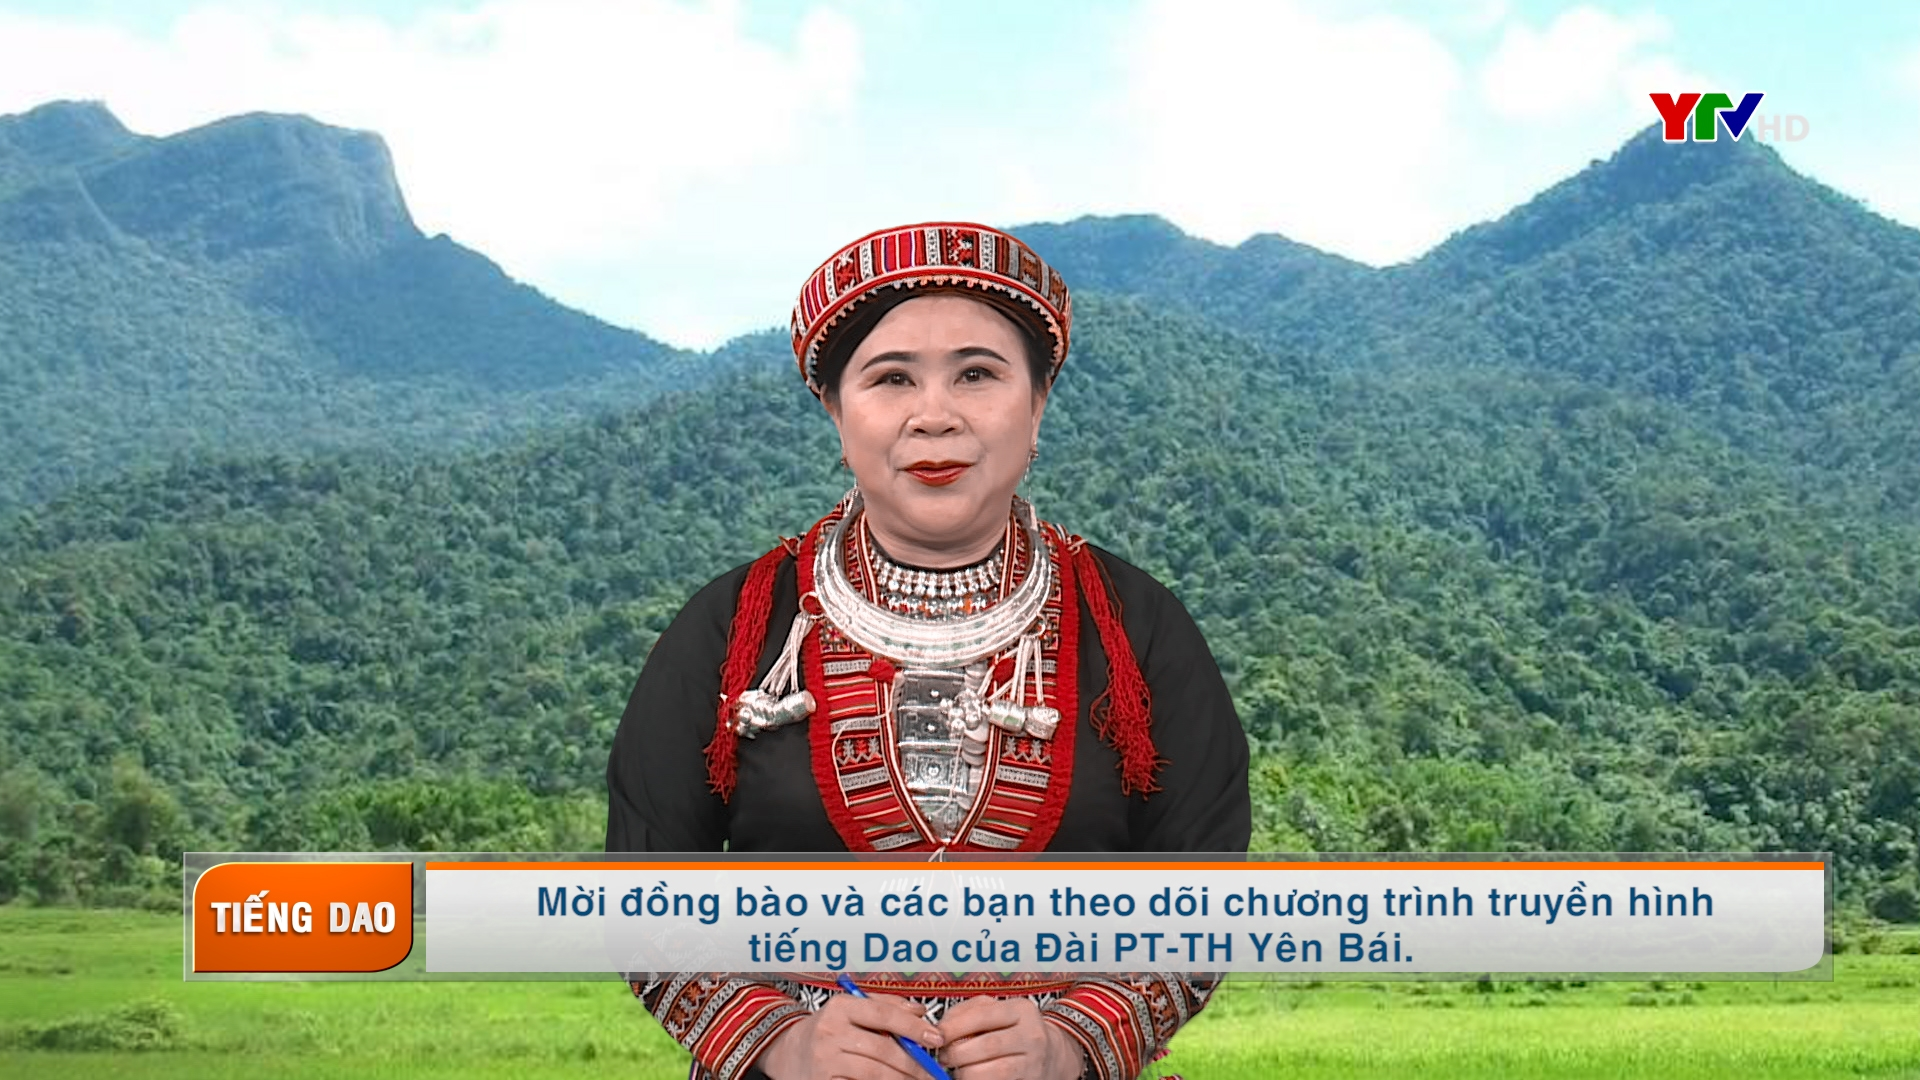 Tạp chí truyền hình tiếng Dao số 4 tháng 4 năm 2021